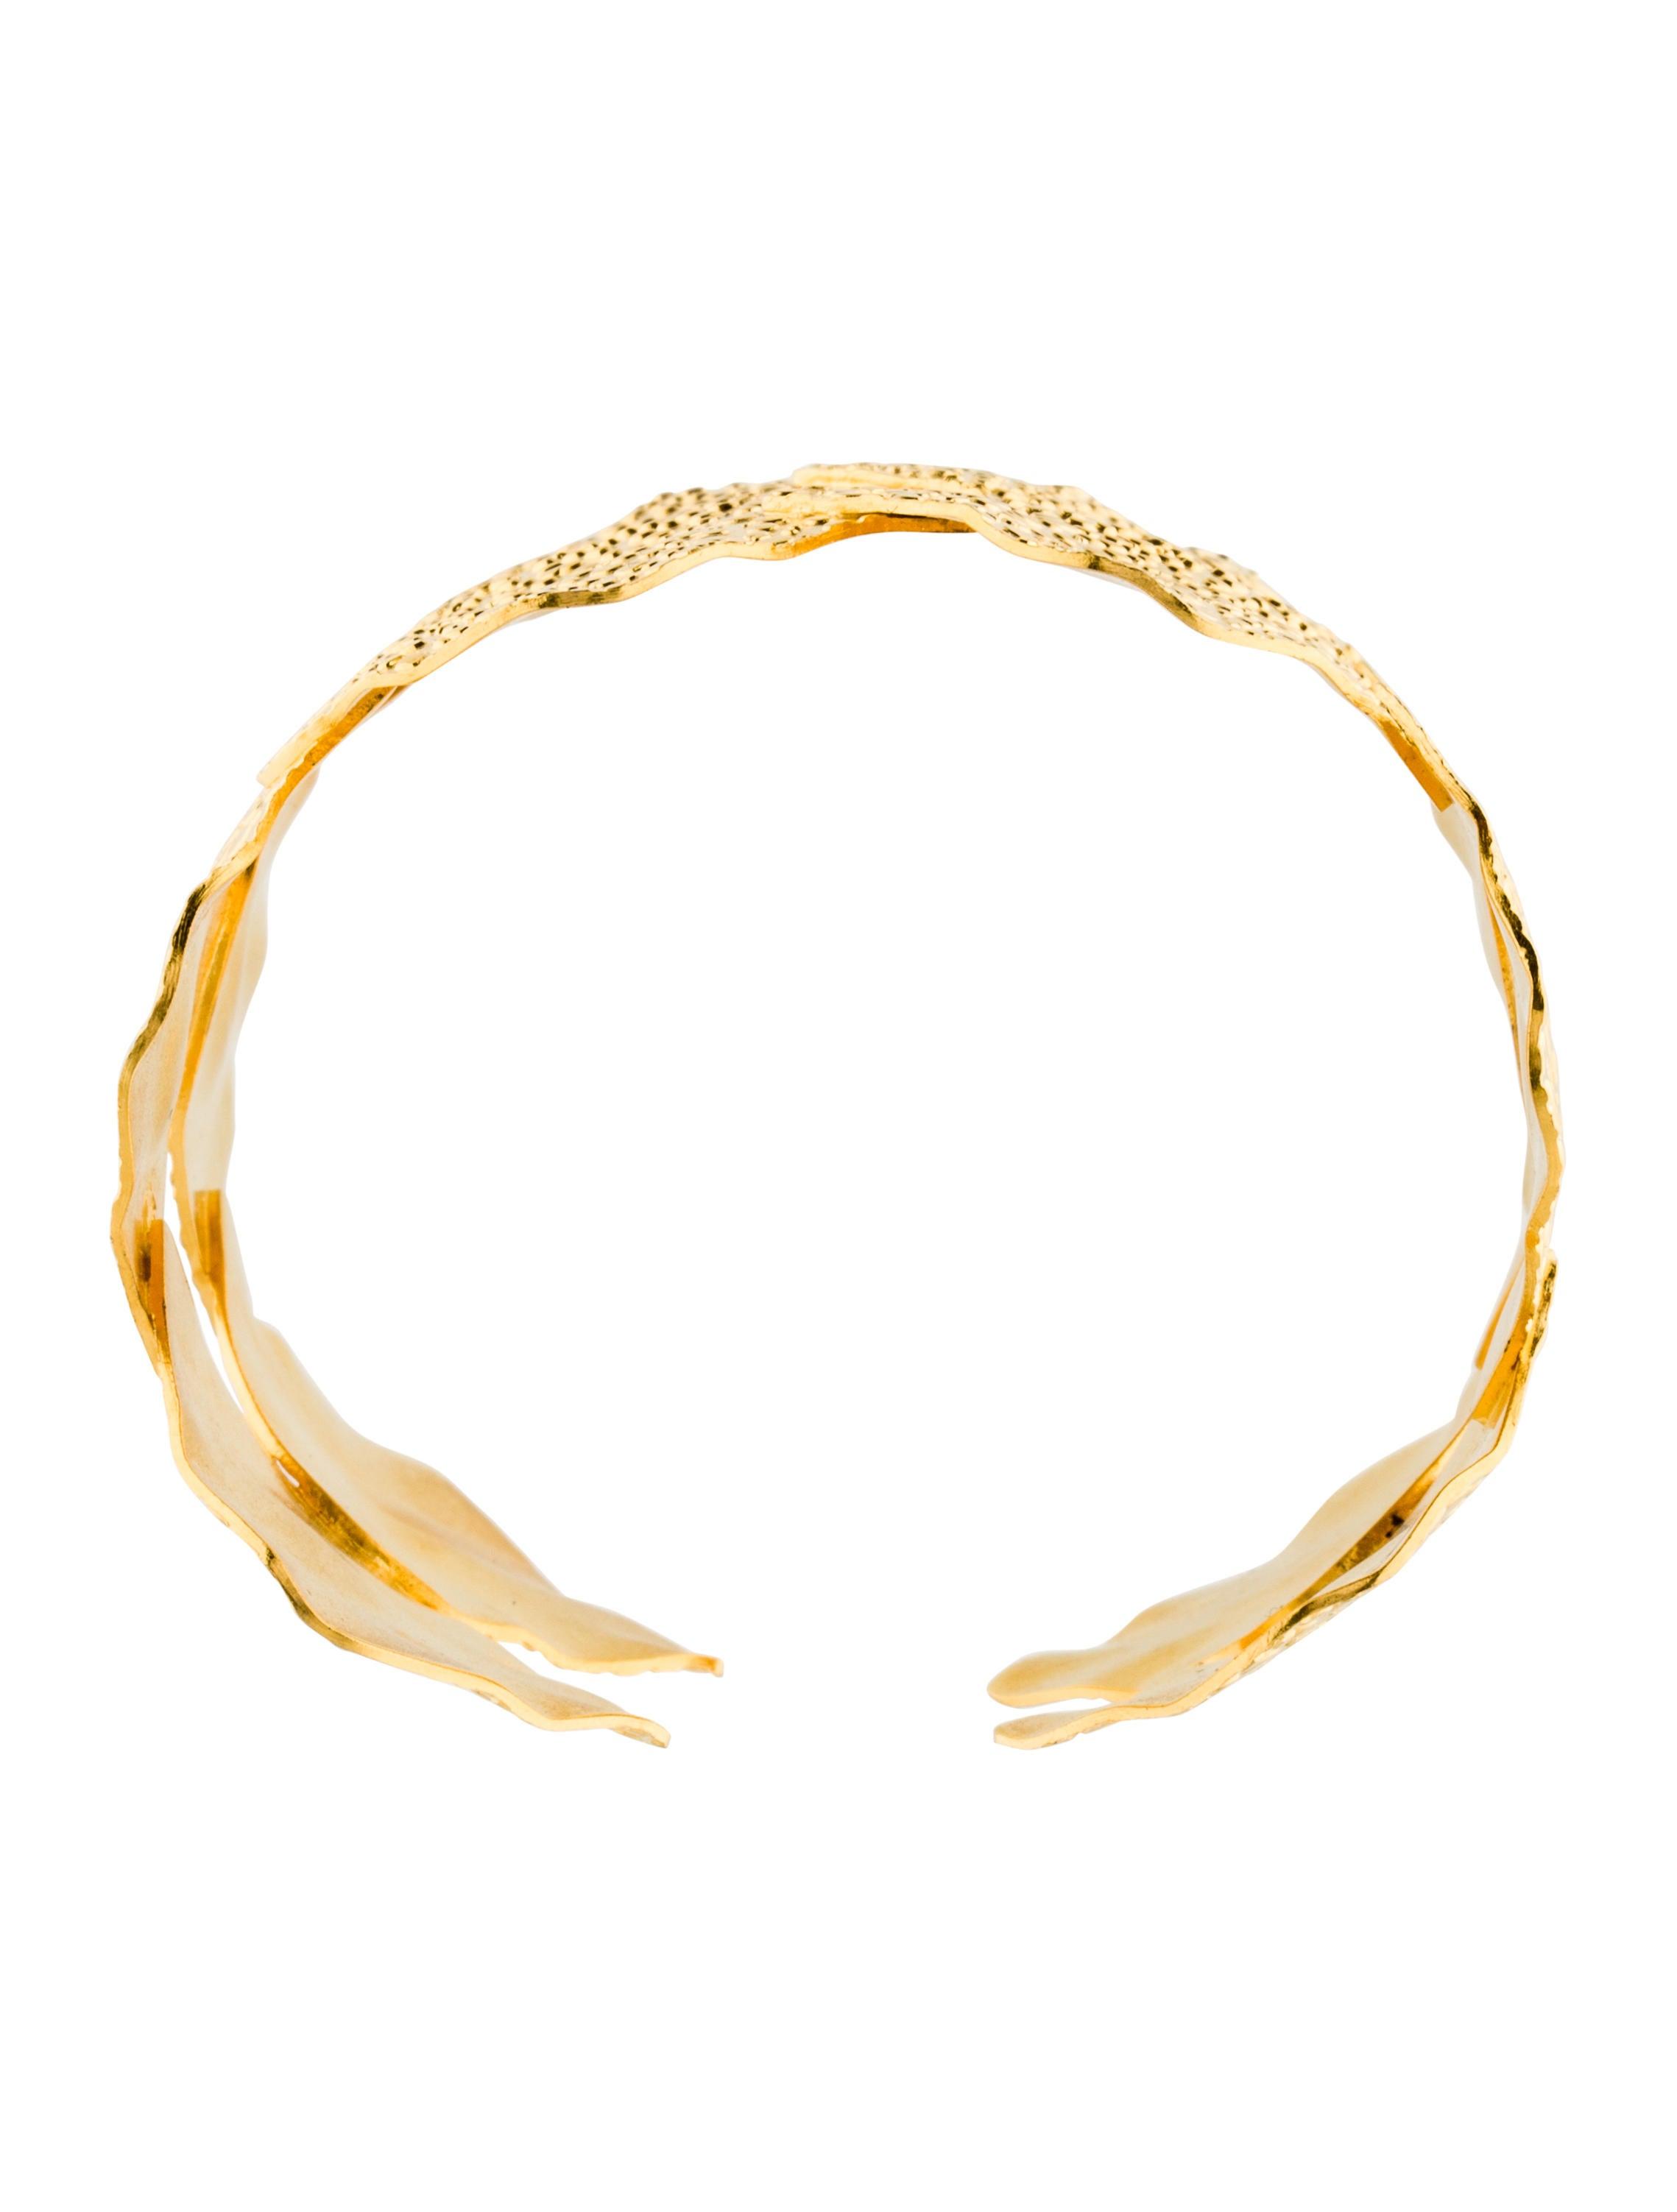 Dina Mackney Textured Petal Cuff Bracelets Wdina20025